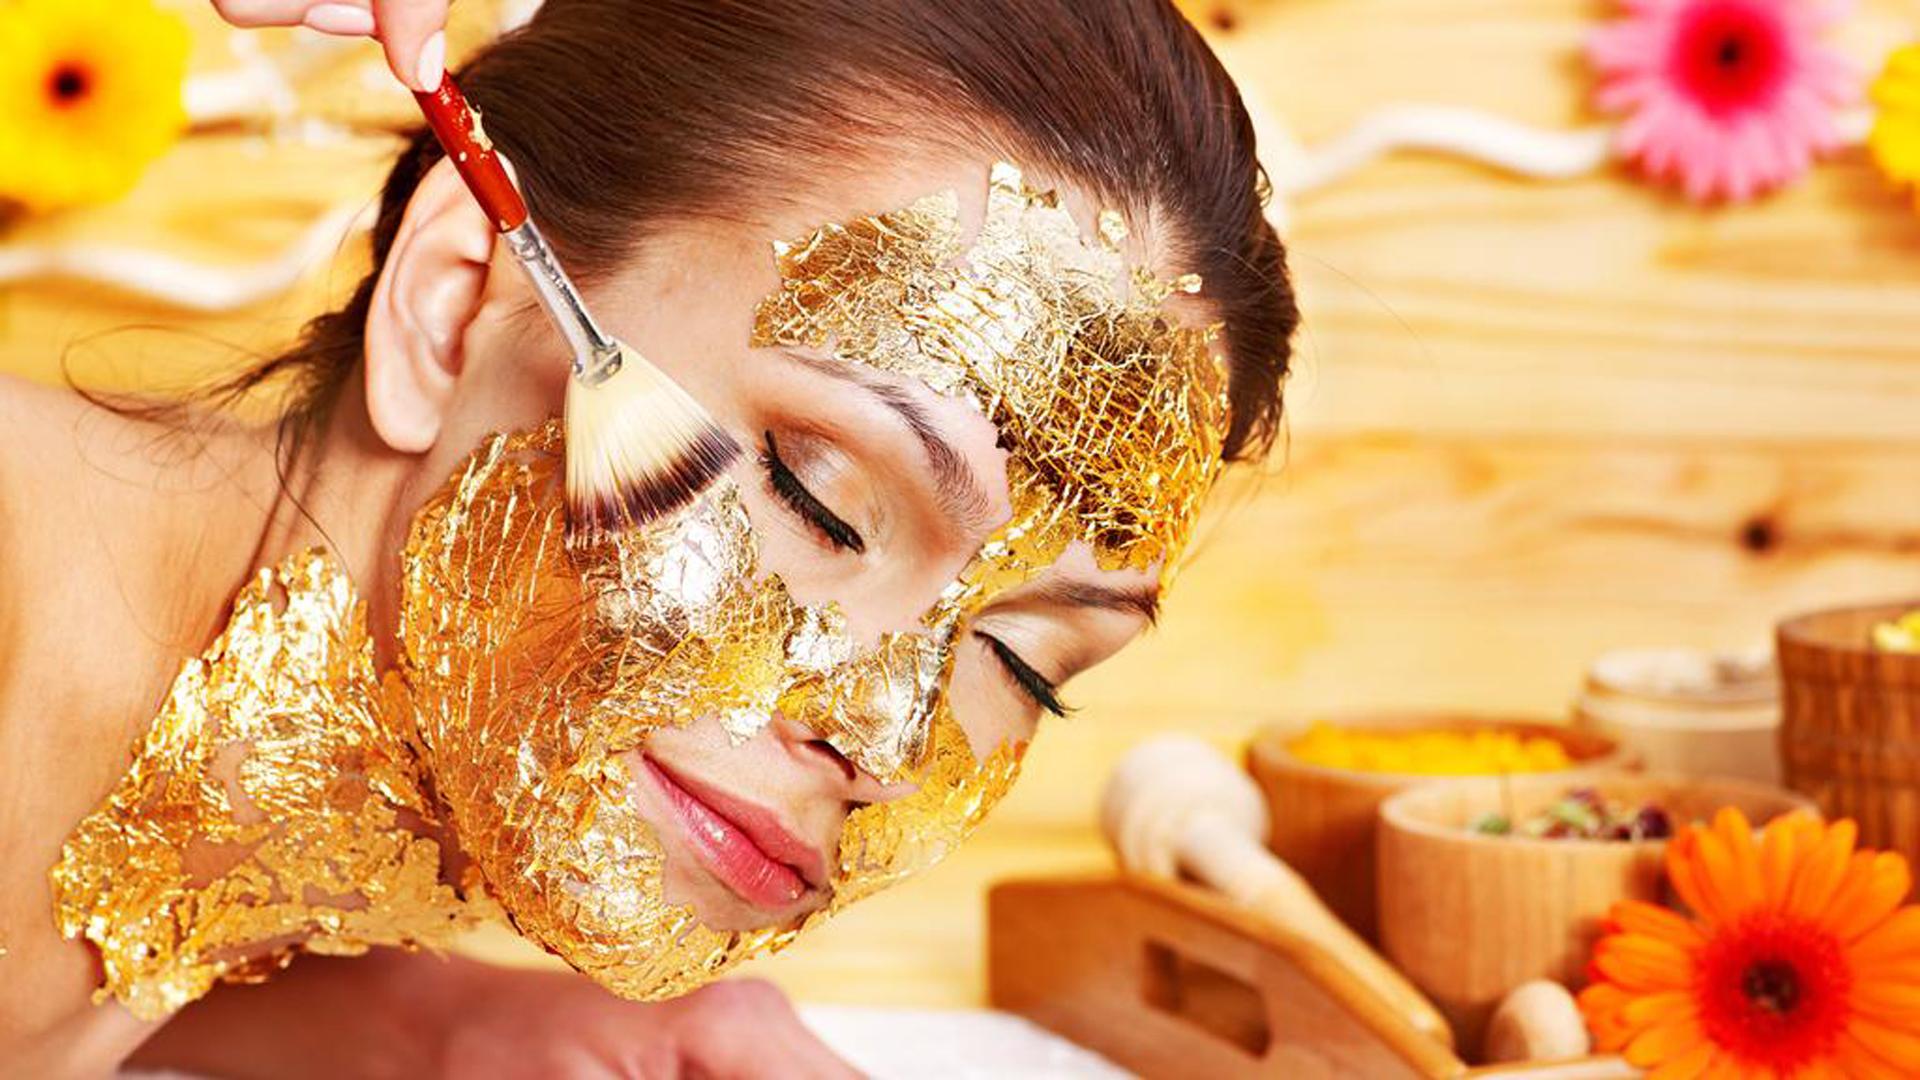 Última moda, las mascarillas de oro. Ayudan a rejuvenecer la piel y dar luminosidad (Kempinski)